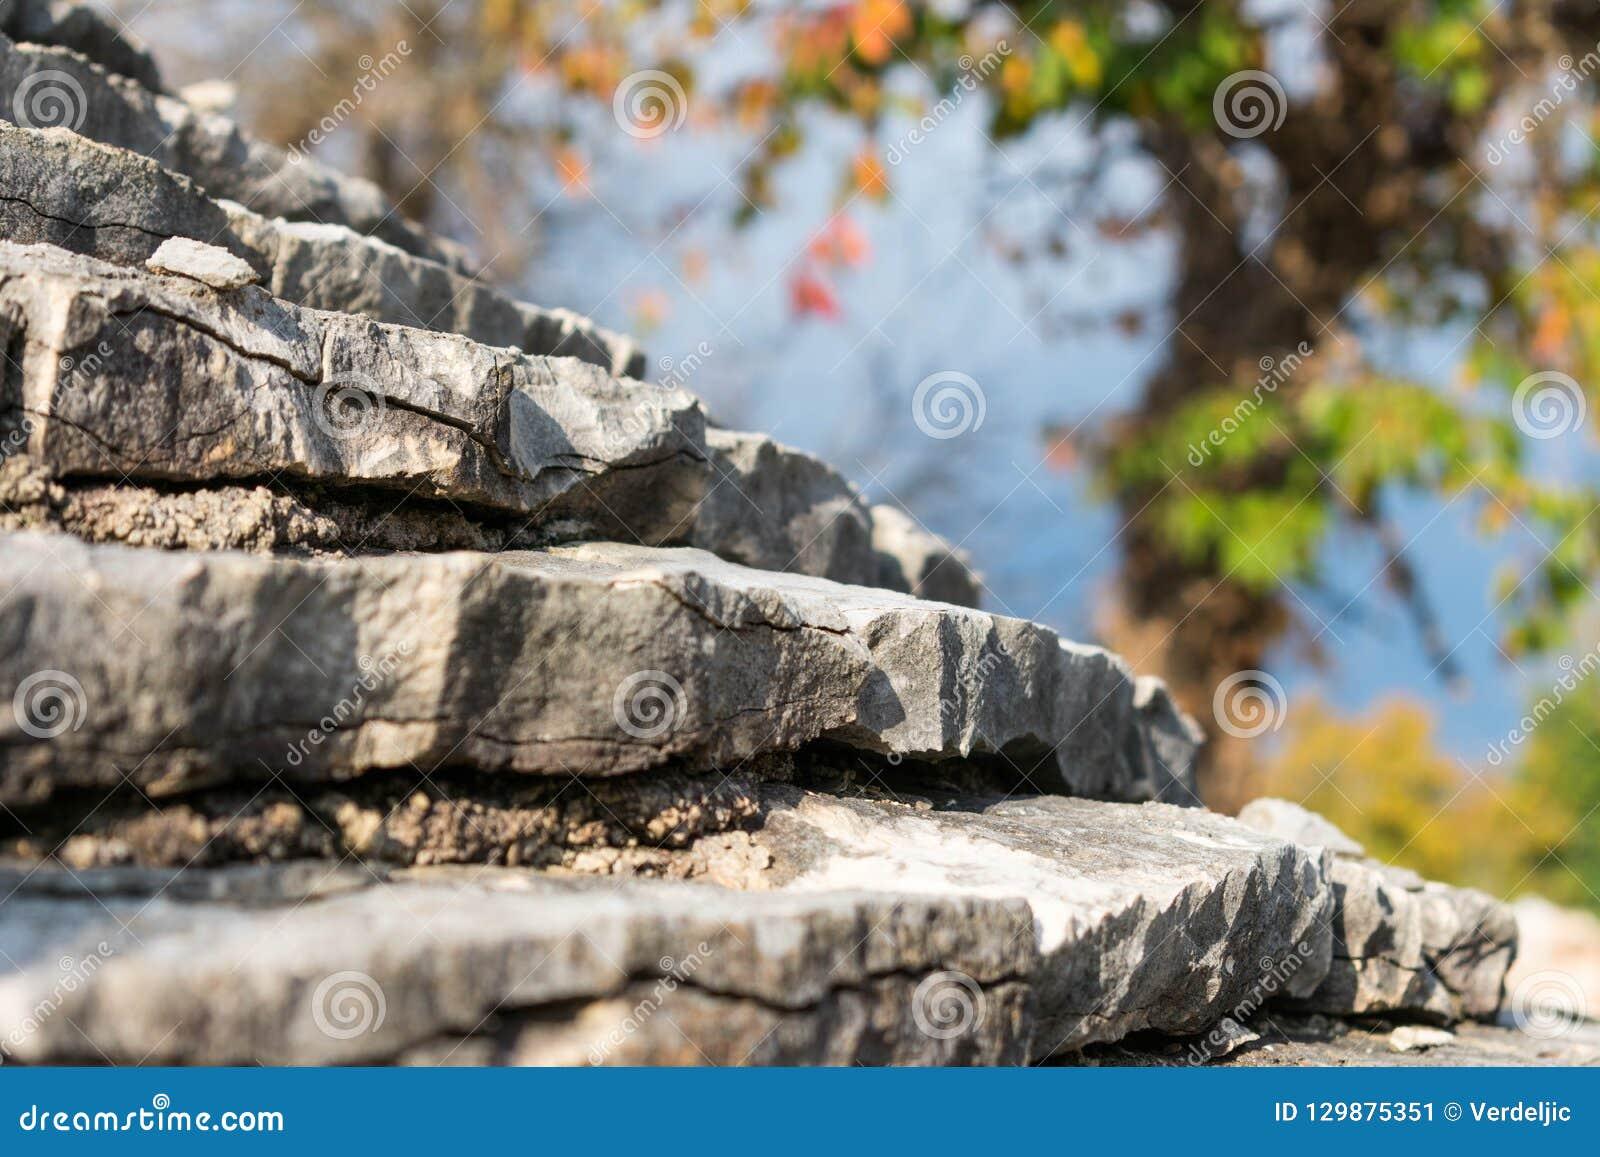 Sikten av ett tak av ett traditionellt stenar huset och det färgrika trädet i höstfärger i bakgrunden, den Istria regionen, Kroat